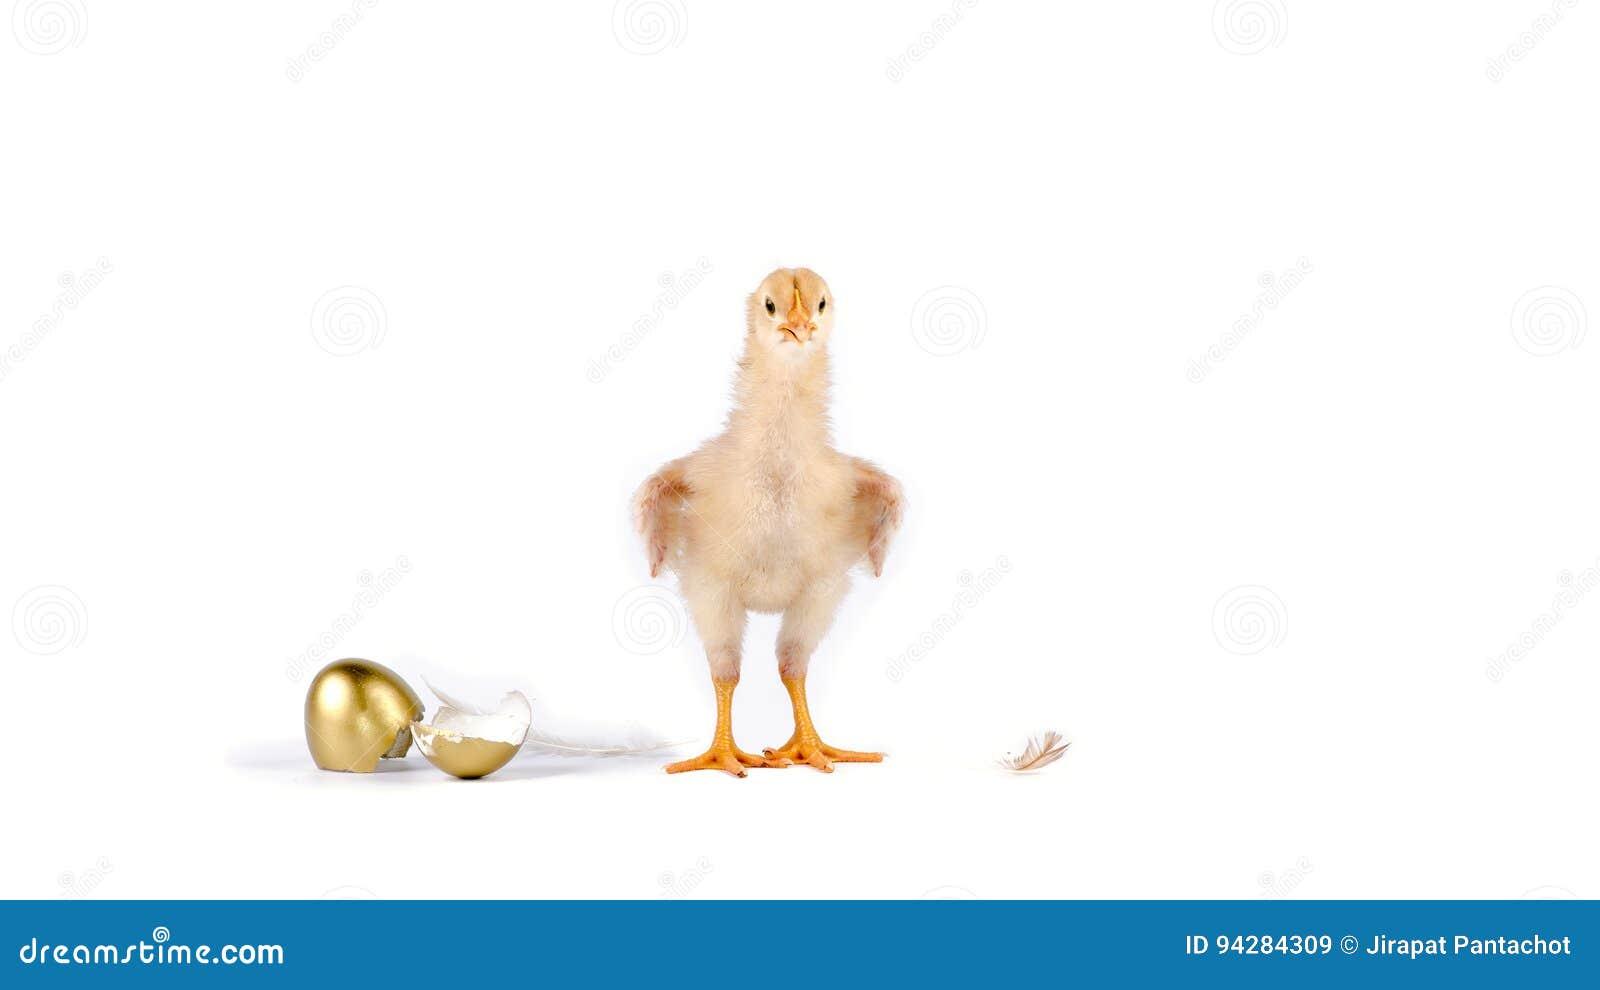 цыпленок и золотое яичко в студии против белой предпосылки